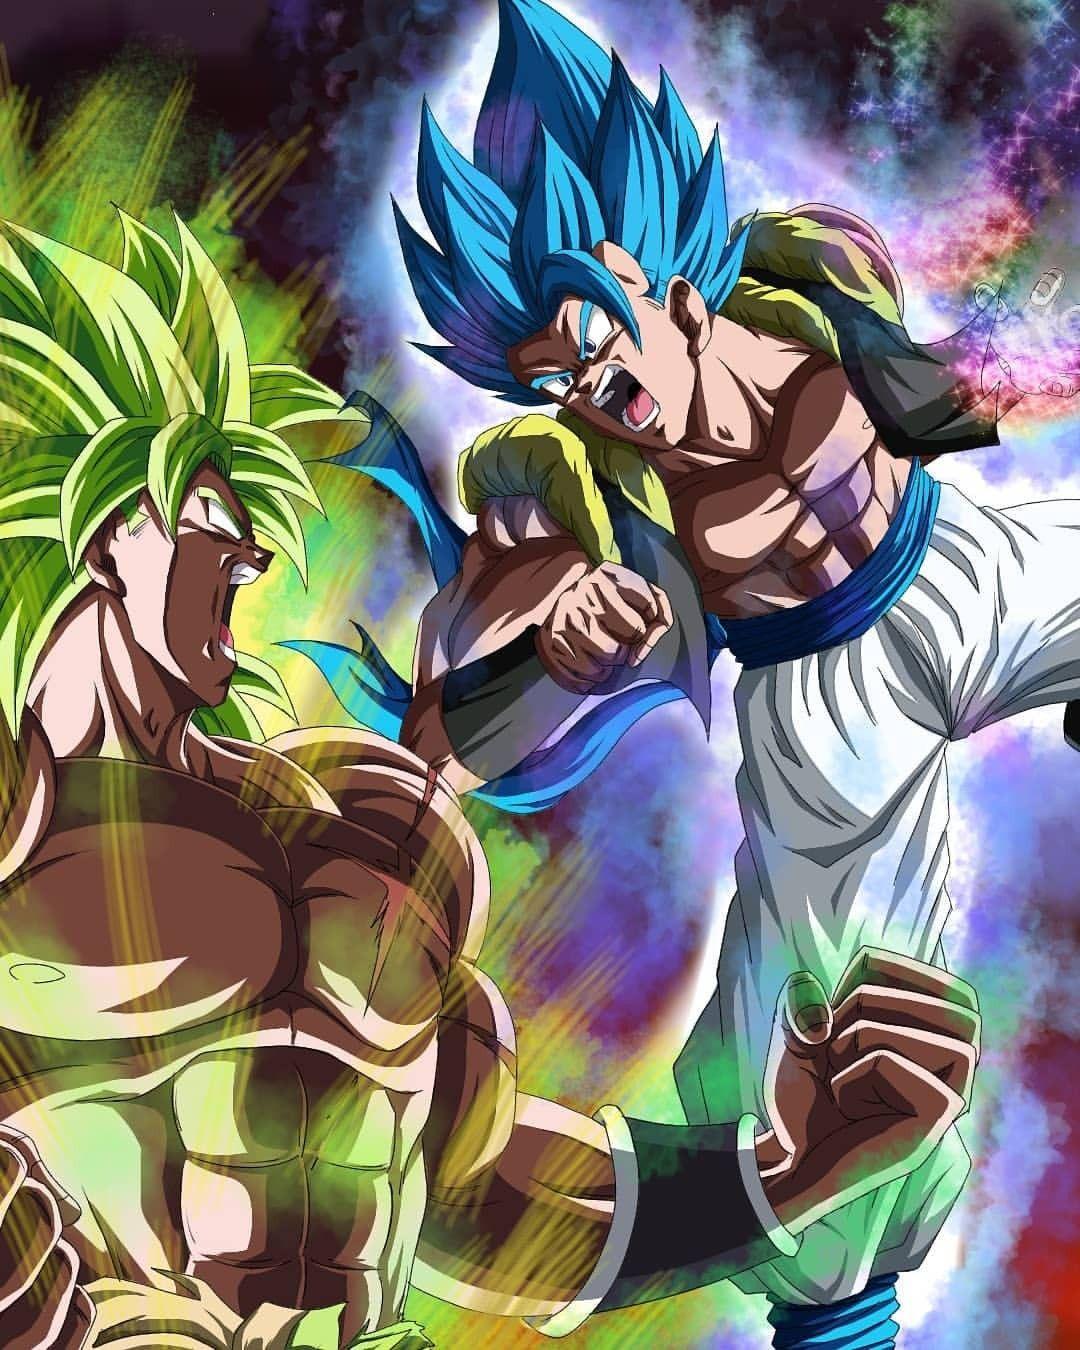 Broly Vs Gogeta Anime Dragon Ball Super Dragon Ball Image